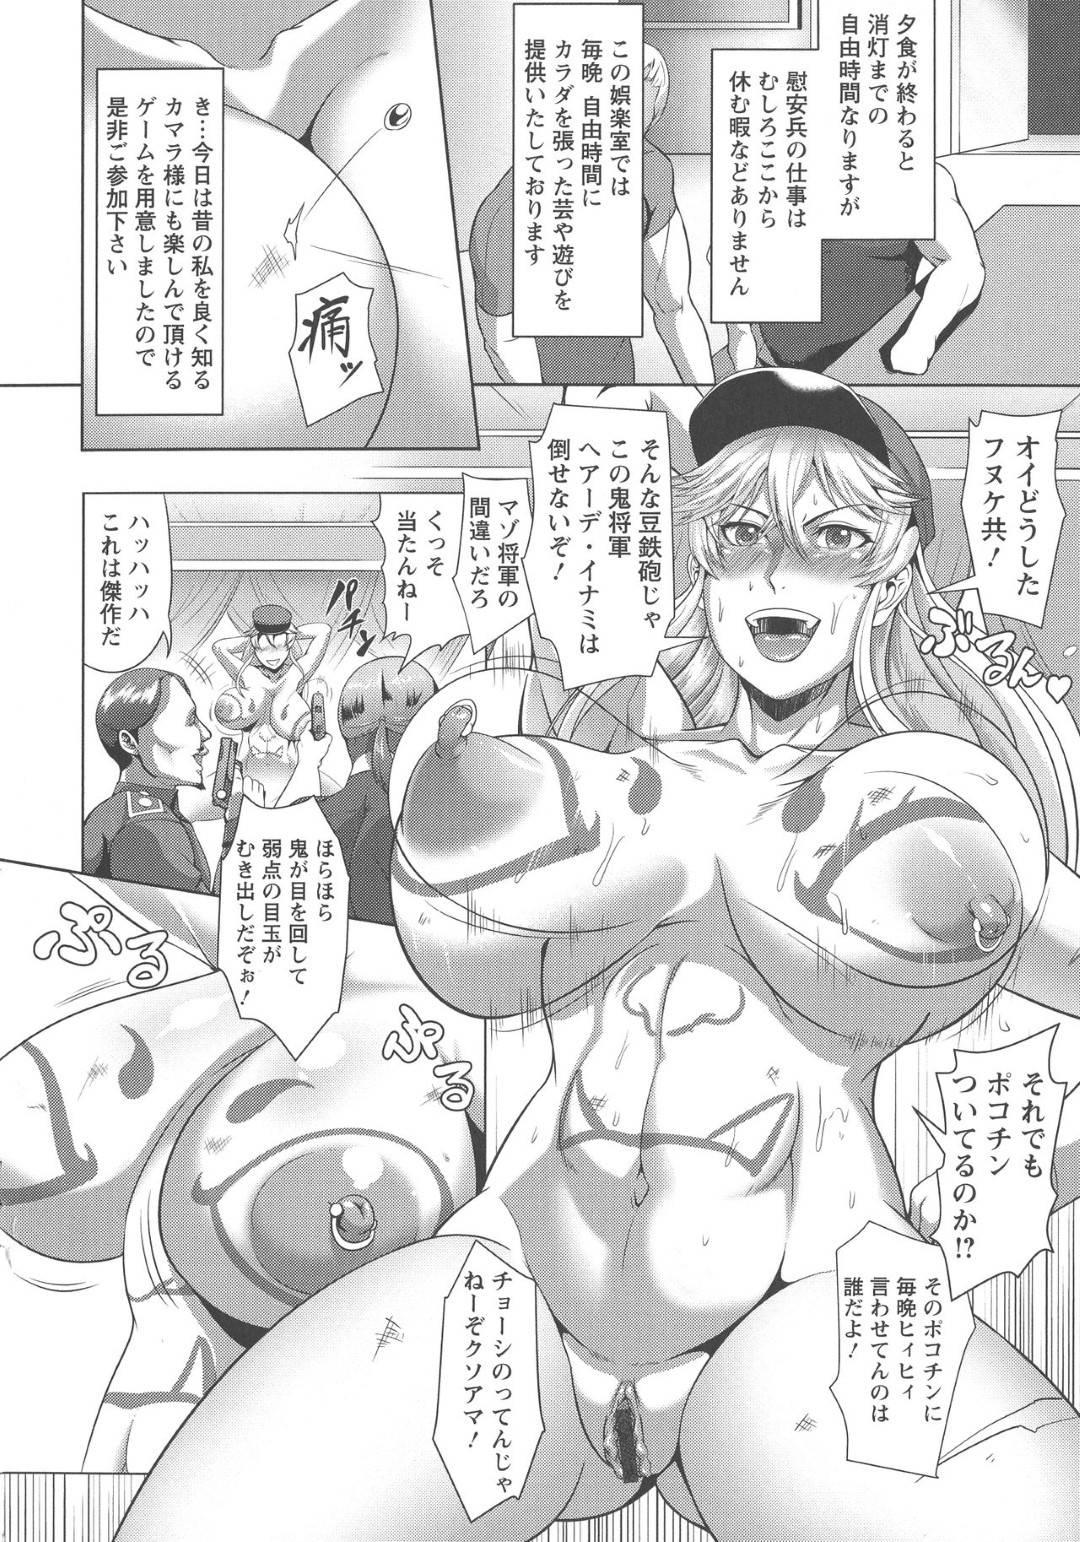 【エロ漫画】敵国に捕虜として捕らえられた女軍人のヘアーデ…毎日のように恥辱を受けて調教され続ける彼女はストリップをさせられたり、兵士達を洗体と称してフェラやアナル舐めをさせられる日々を送る。【クロFn:雌豚調教娼兵ヘアーデ】